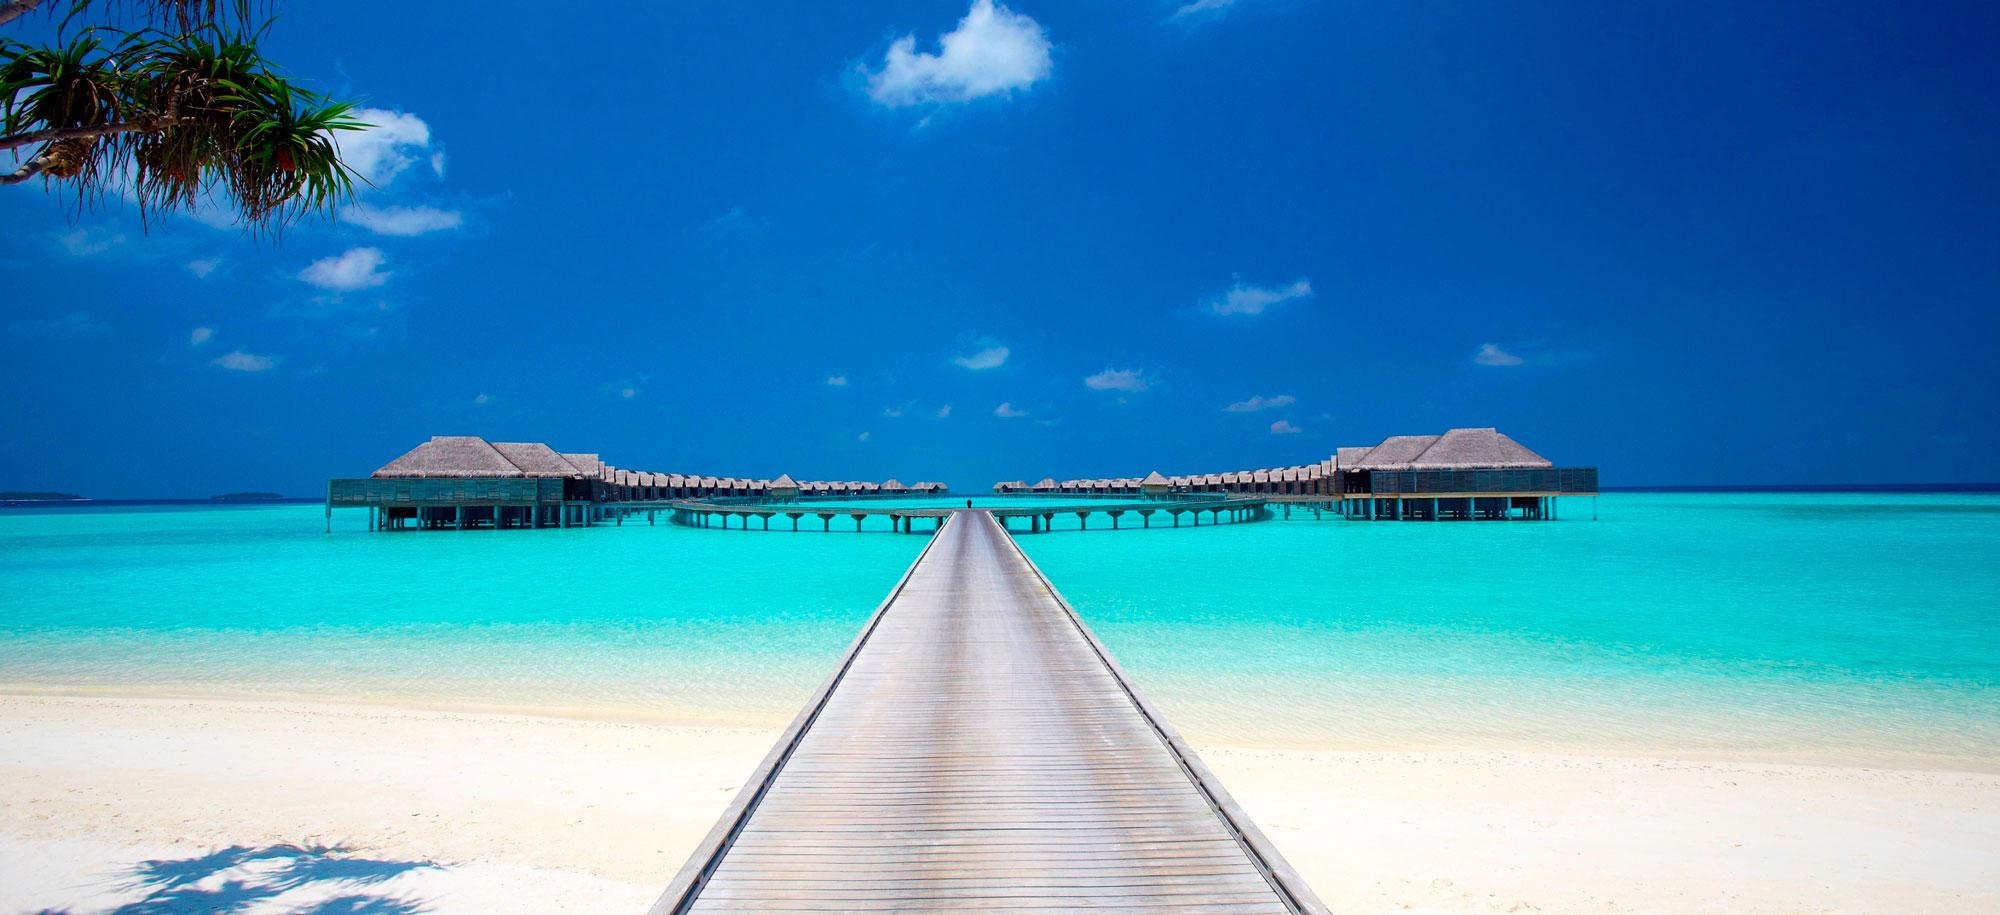 Anantara Kihavah Maldives Villas Bilder | Bild 1